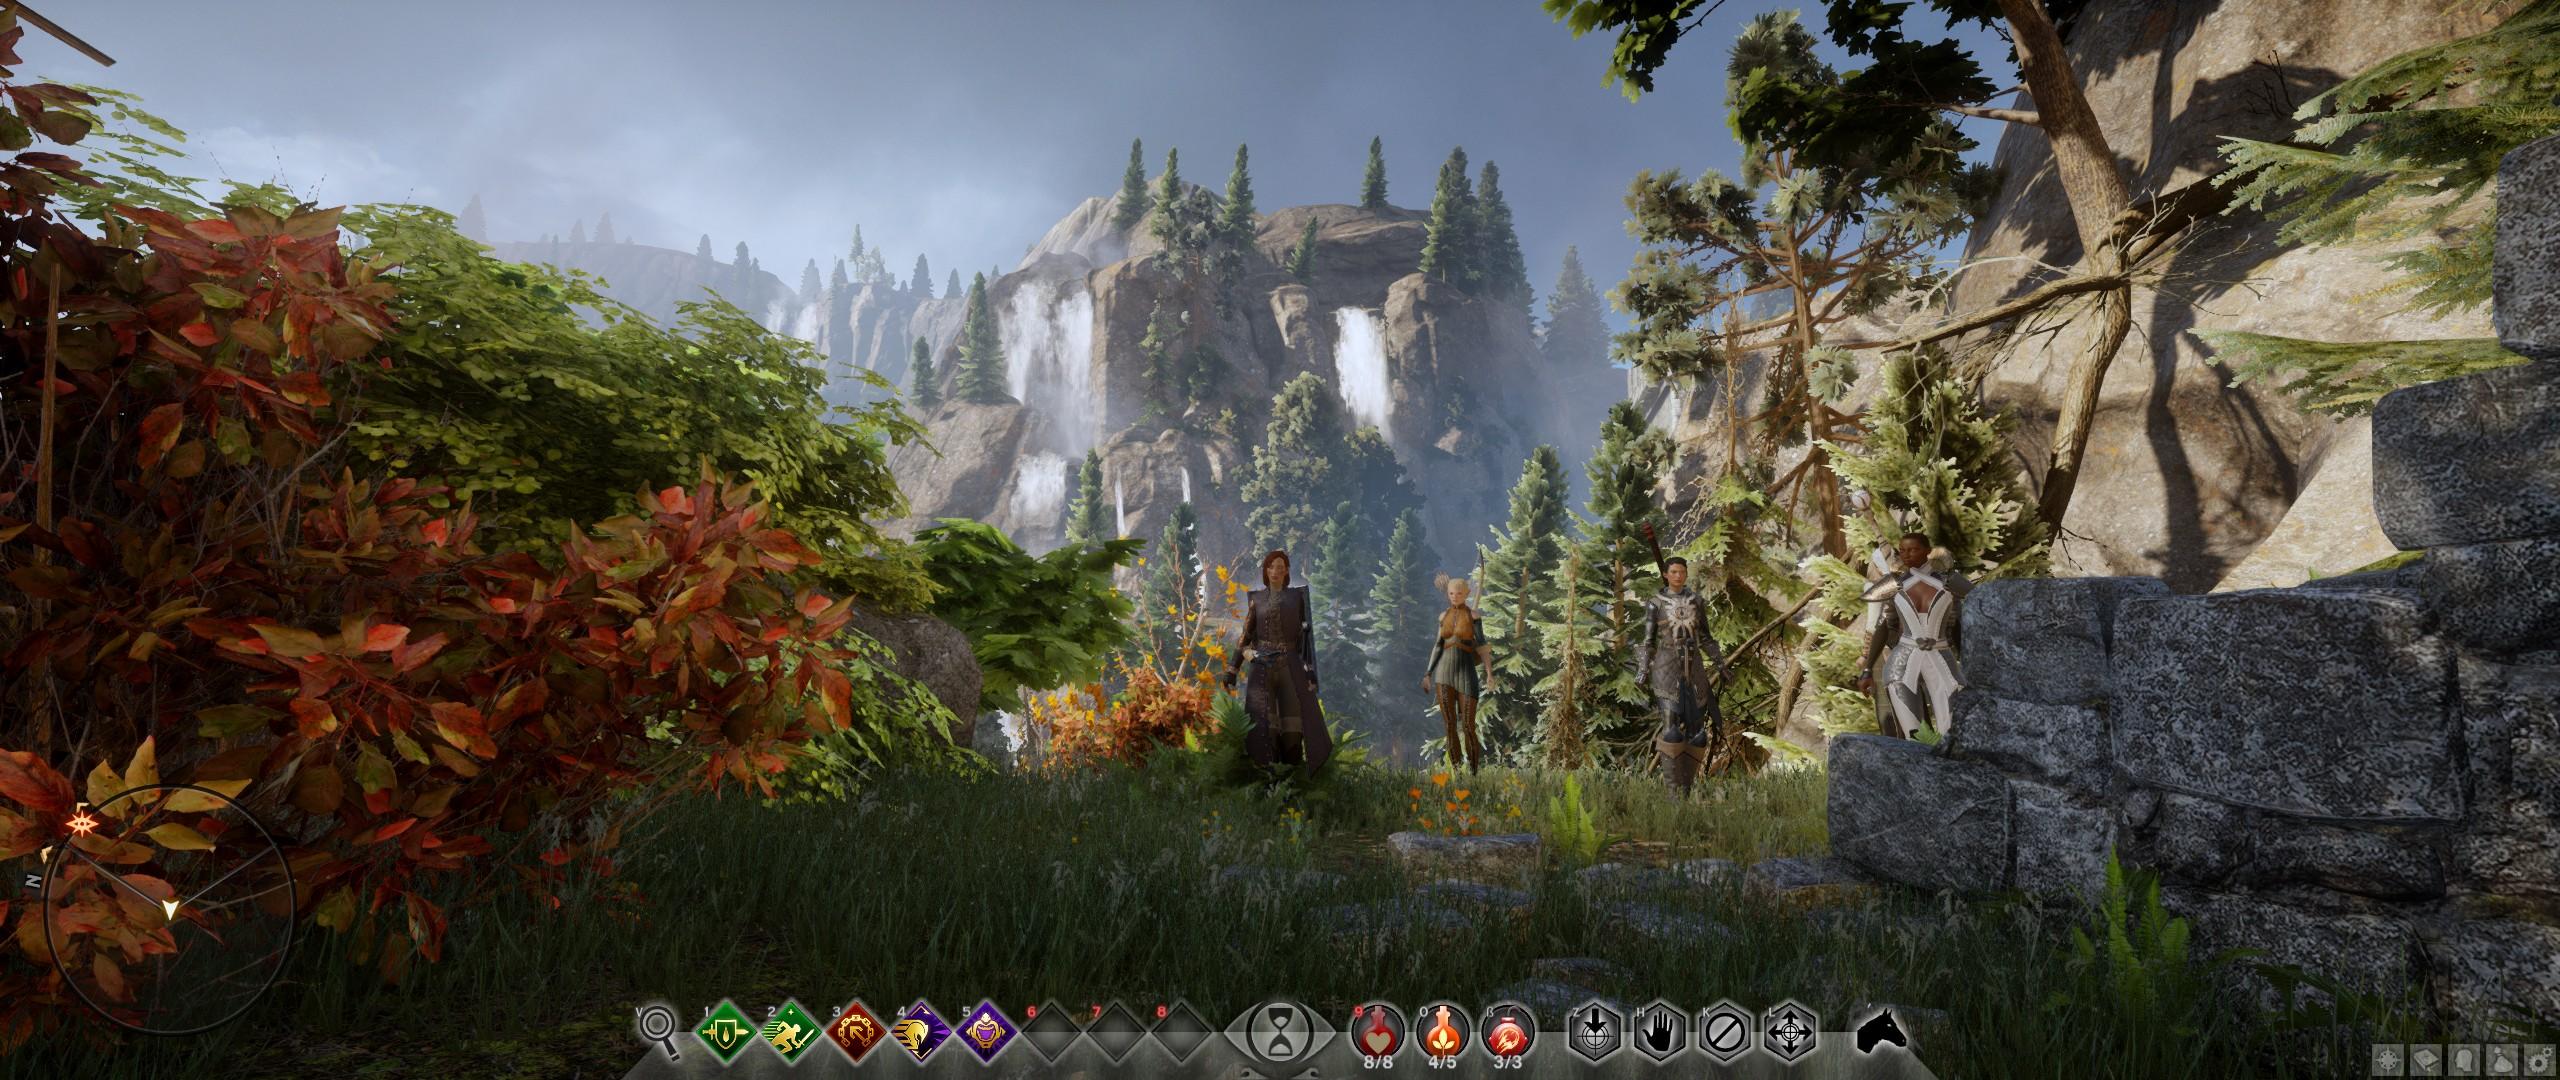 ScreenshotWin32_0019_Final